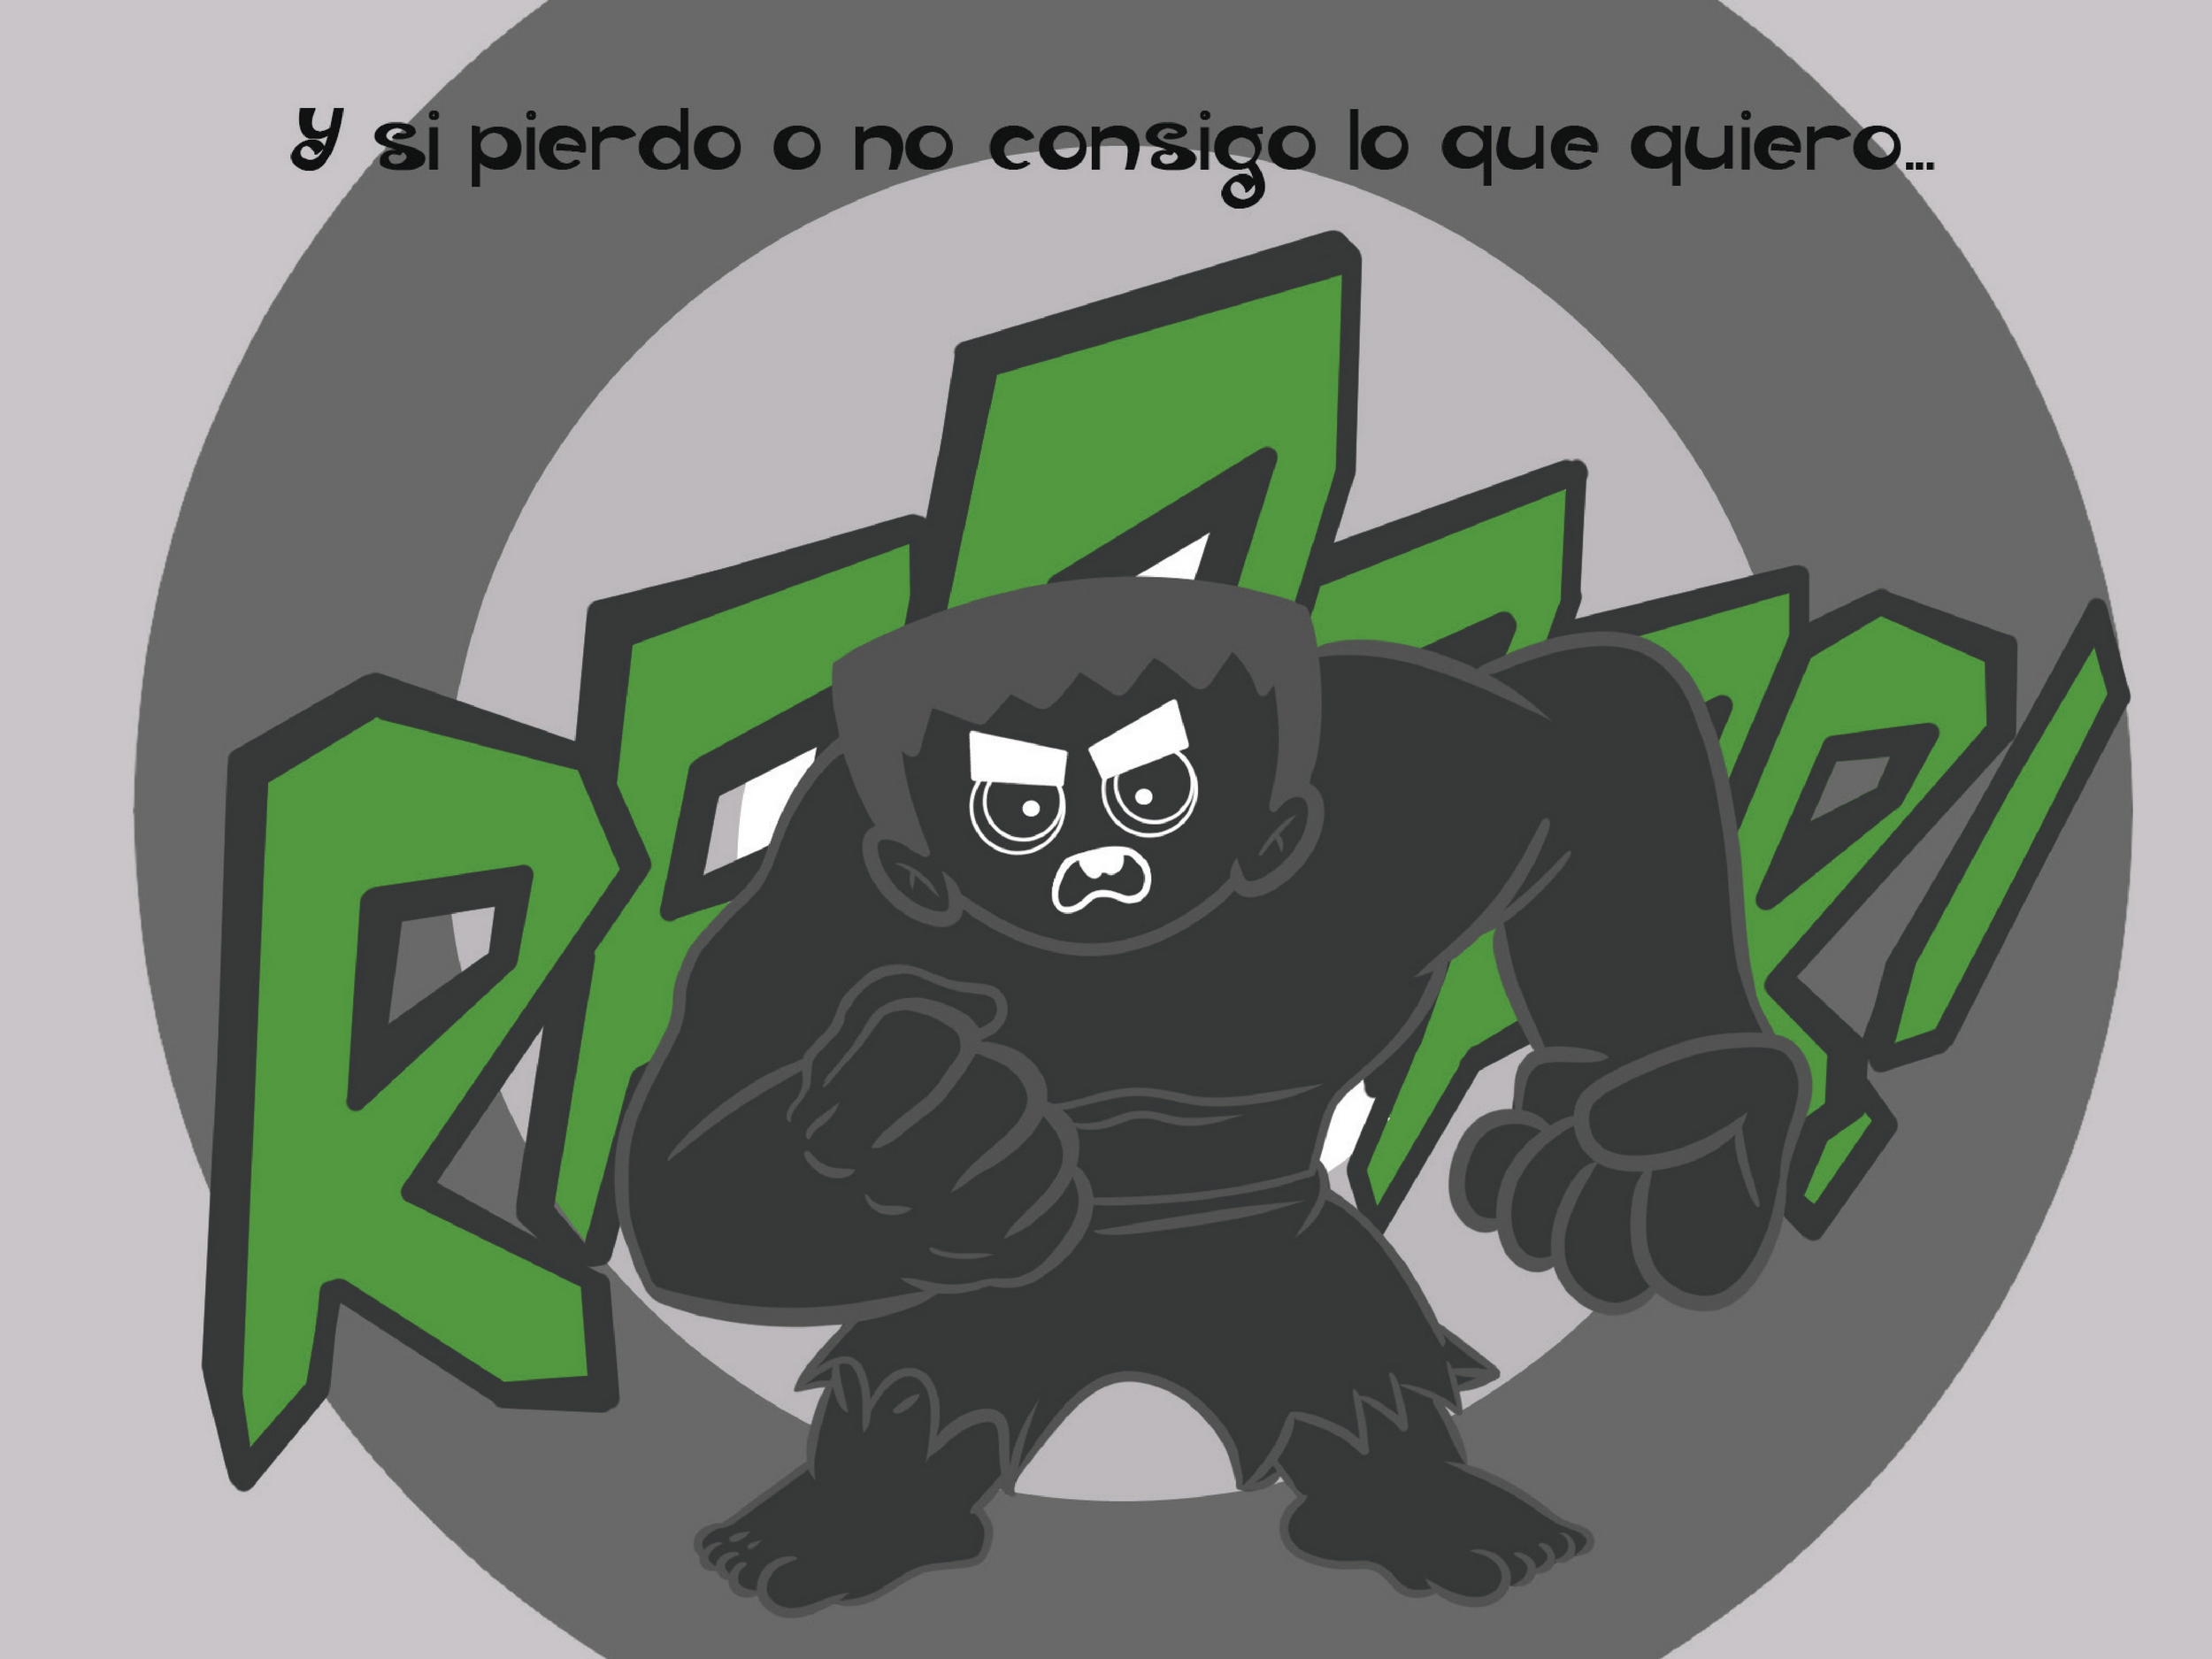 El_niño_puños_Hulk_Javi_Fernandez_Mañas_El niño con los puños de Hulk_page-0013_2500_0013